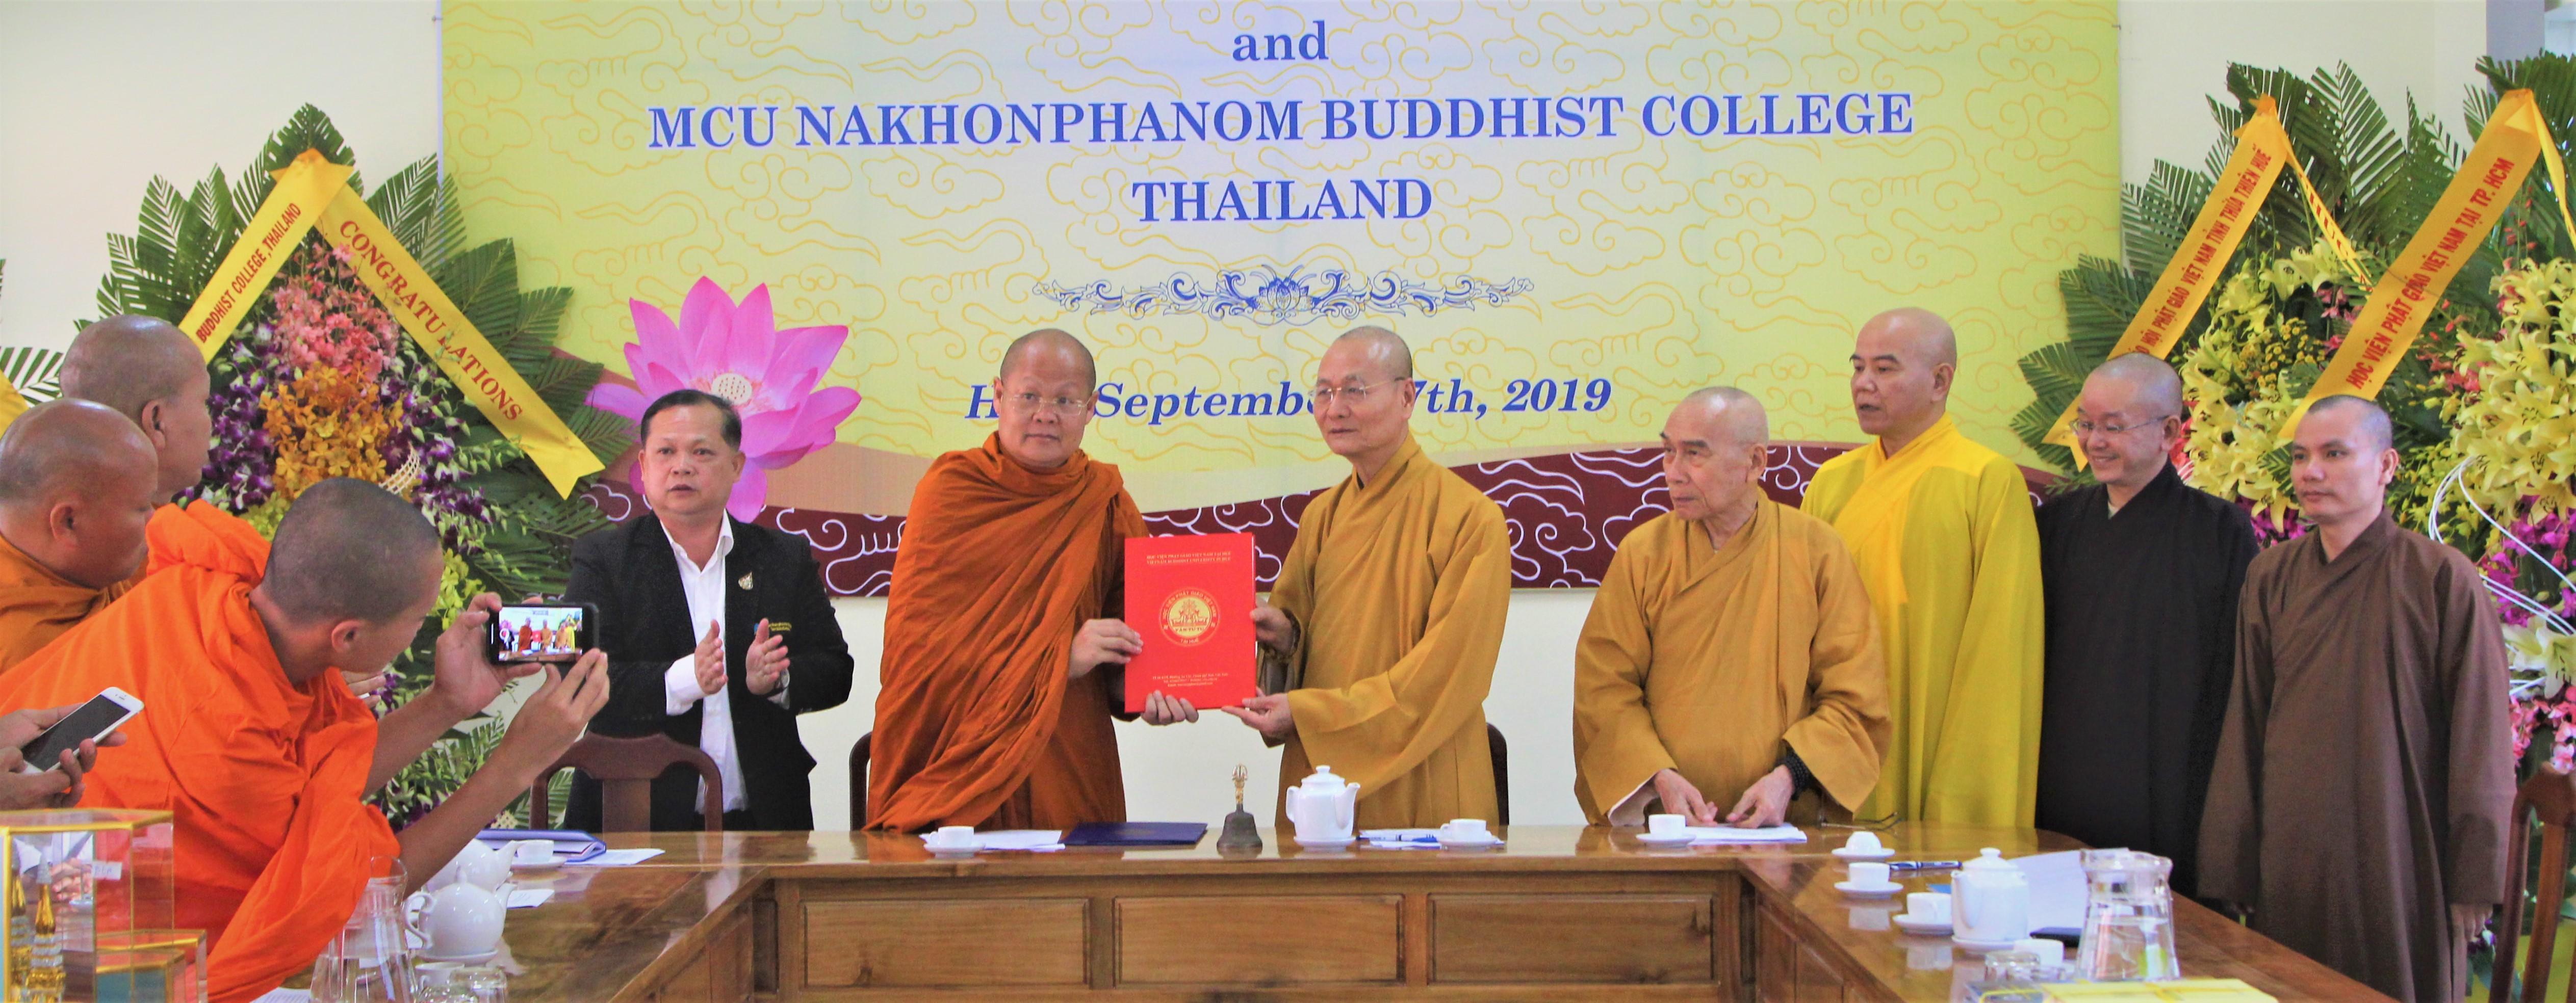 Đại học MCU Nakhon Phanom (Thái Lan) ký kết hợp tác giáo dục với Học viện